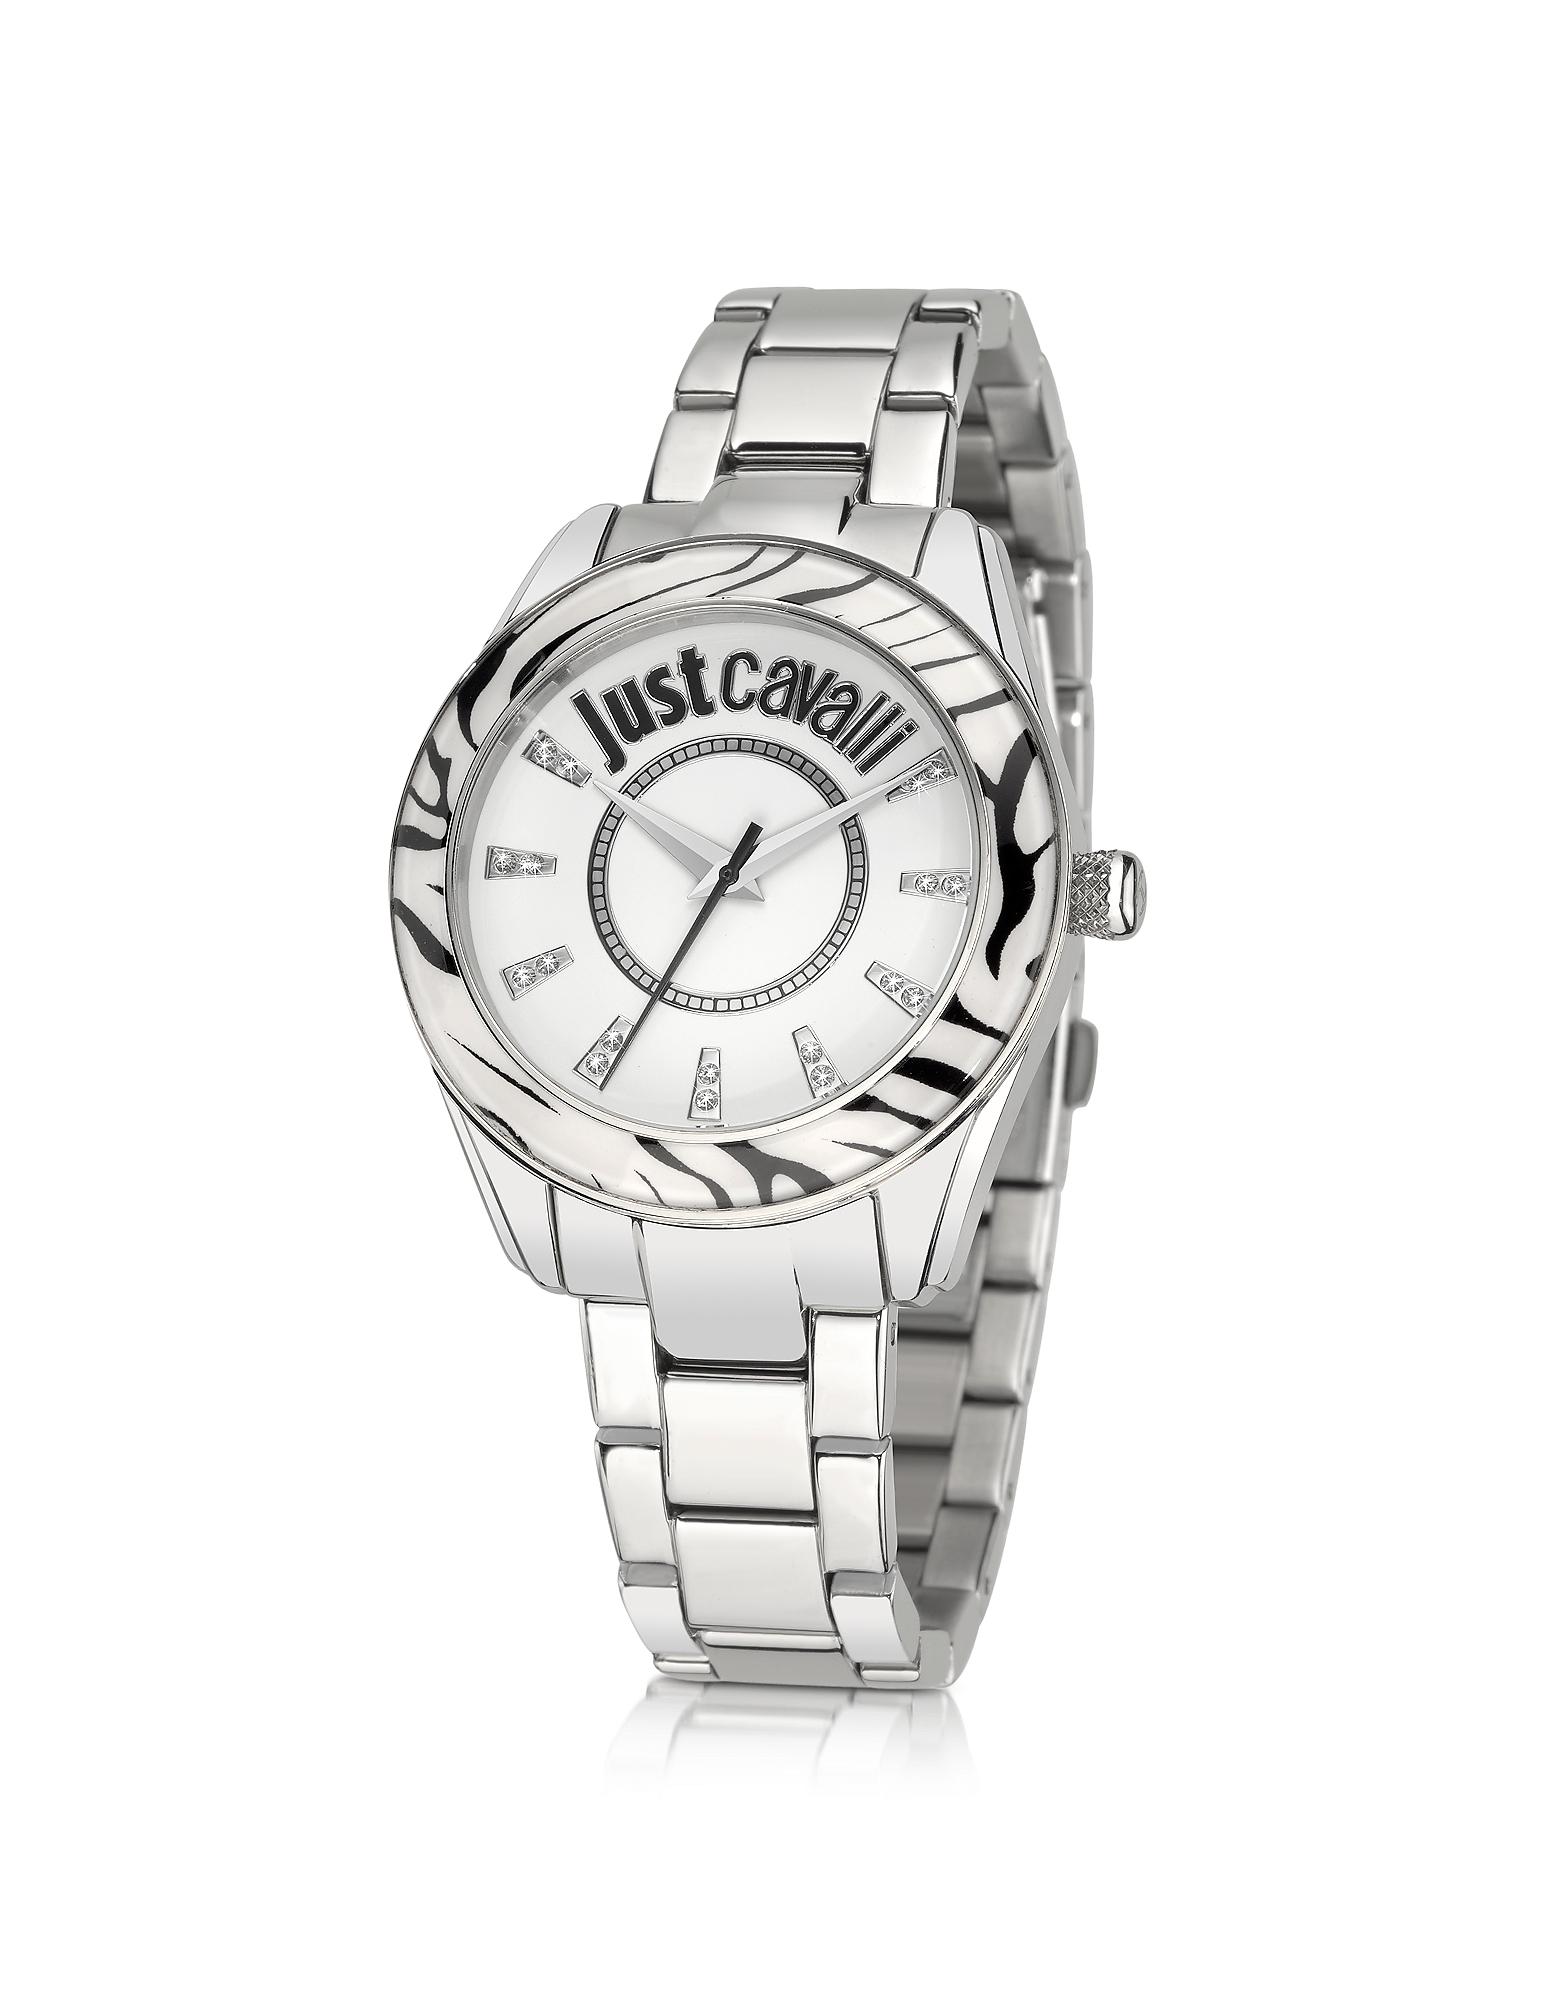 Just Style - Женские Часы из Нержавеющей Стали